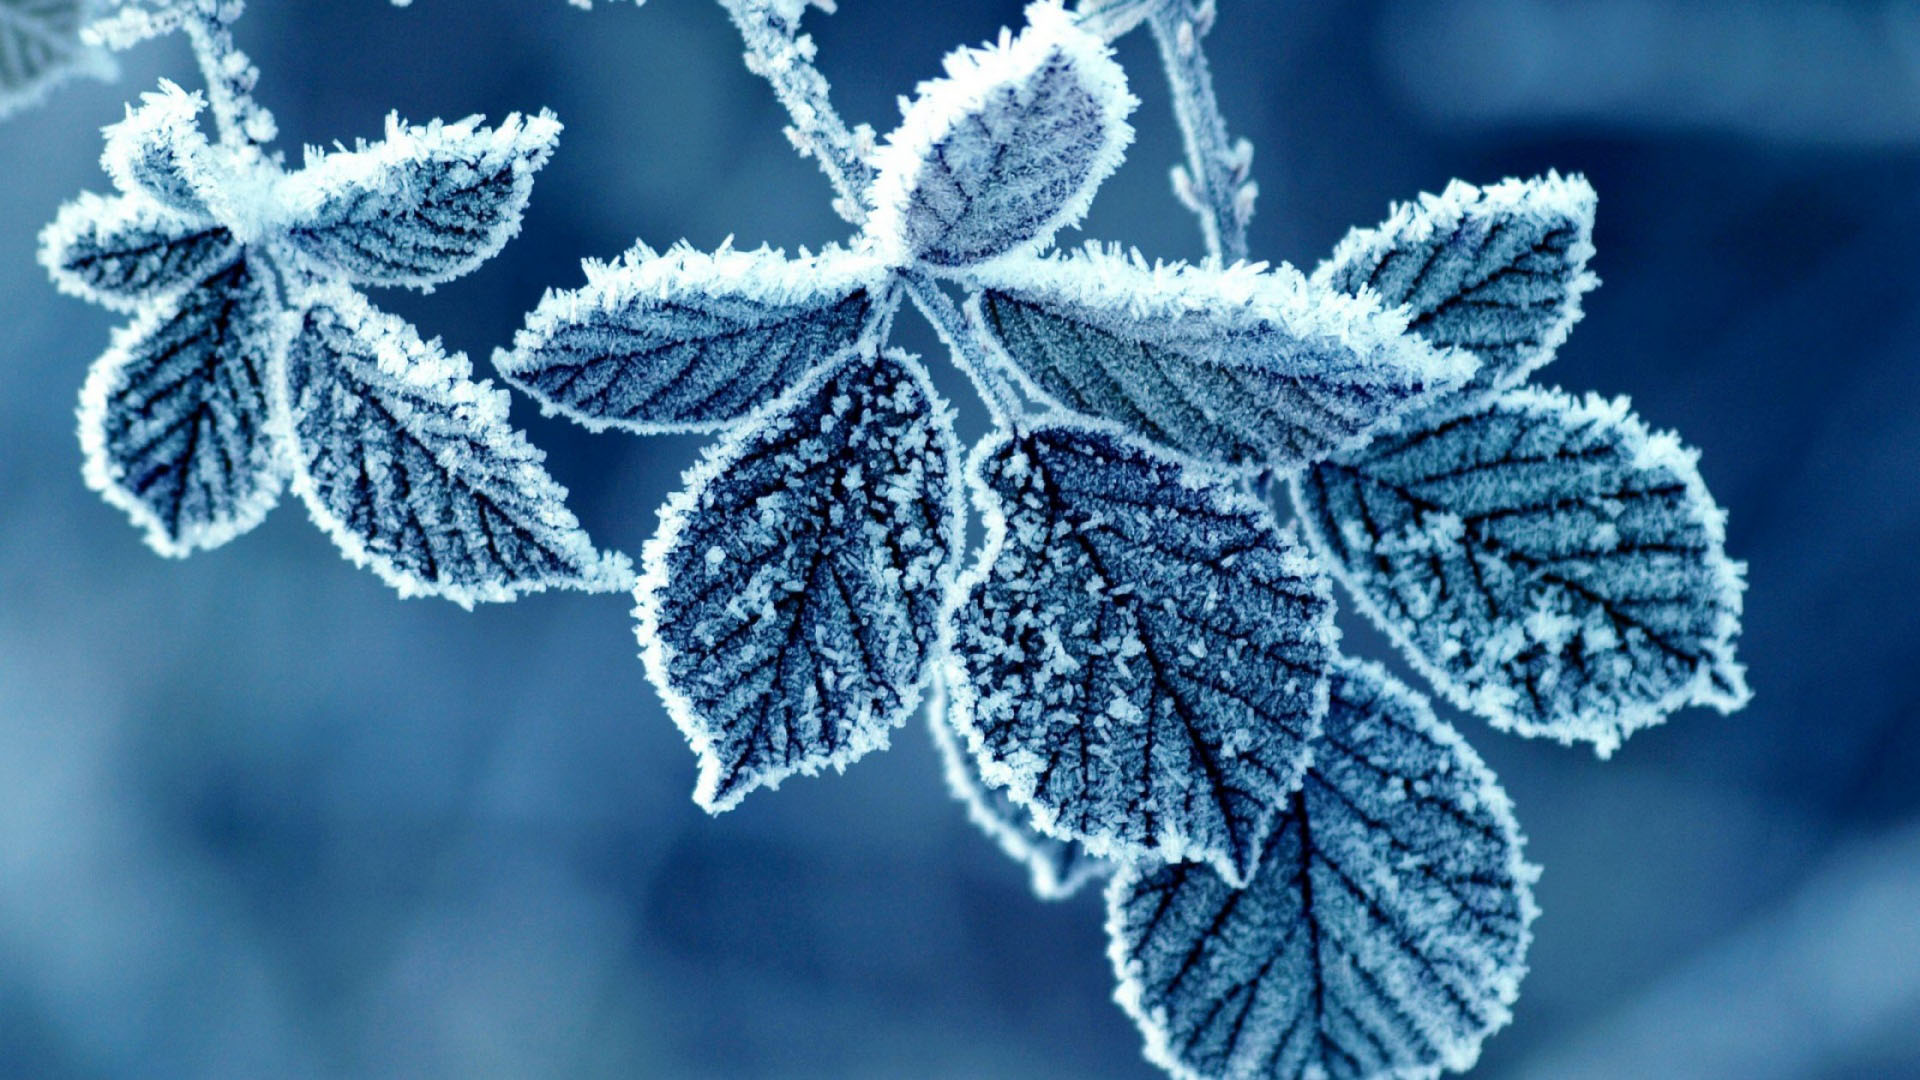 Hình nền lá cây mùa đông